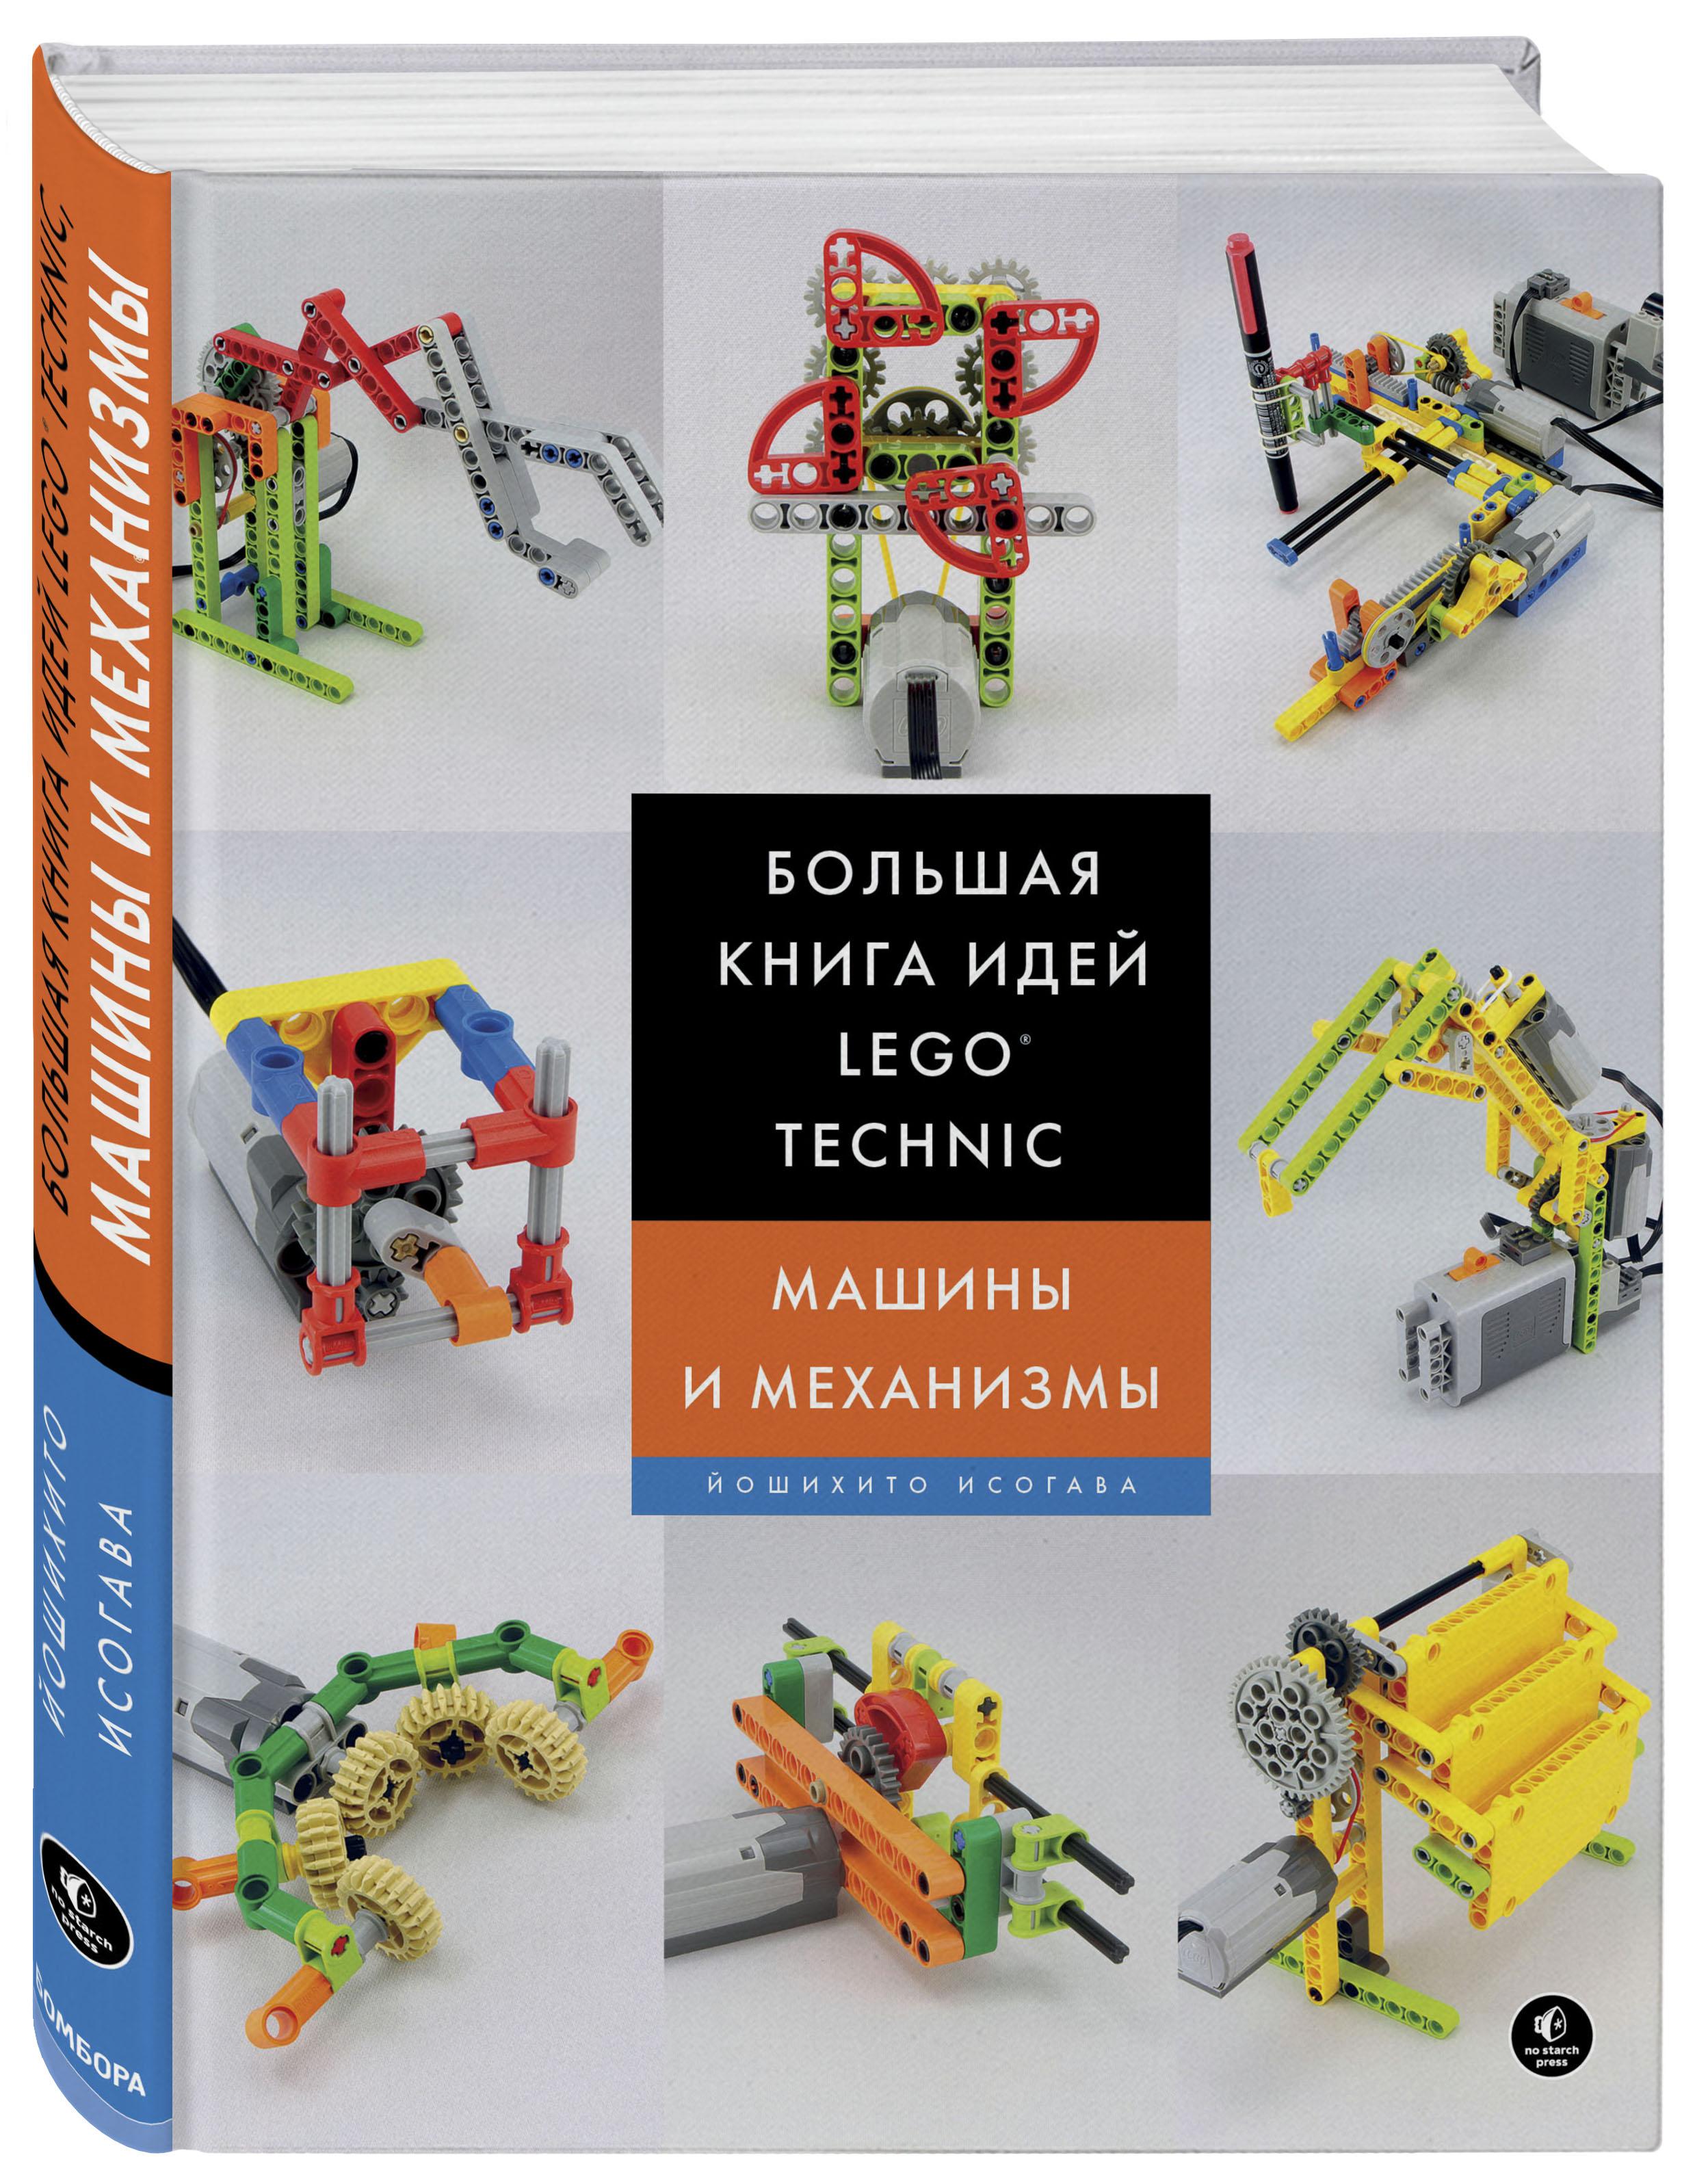 Большая книга идей LEGO Technic. Машины и механизмы ( Исогава Й.  )